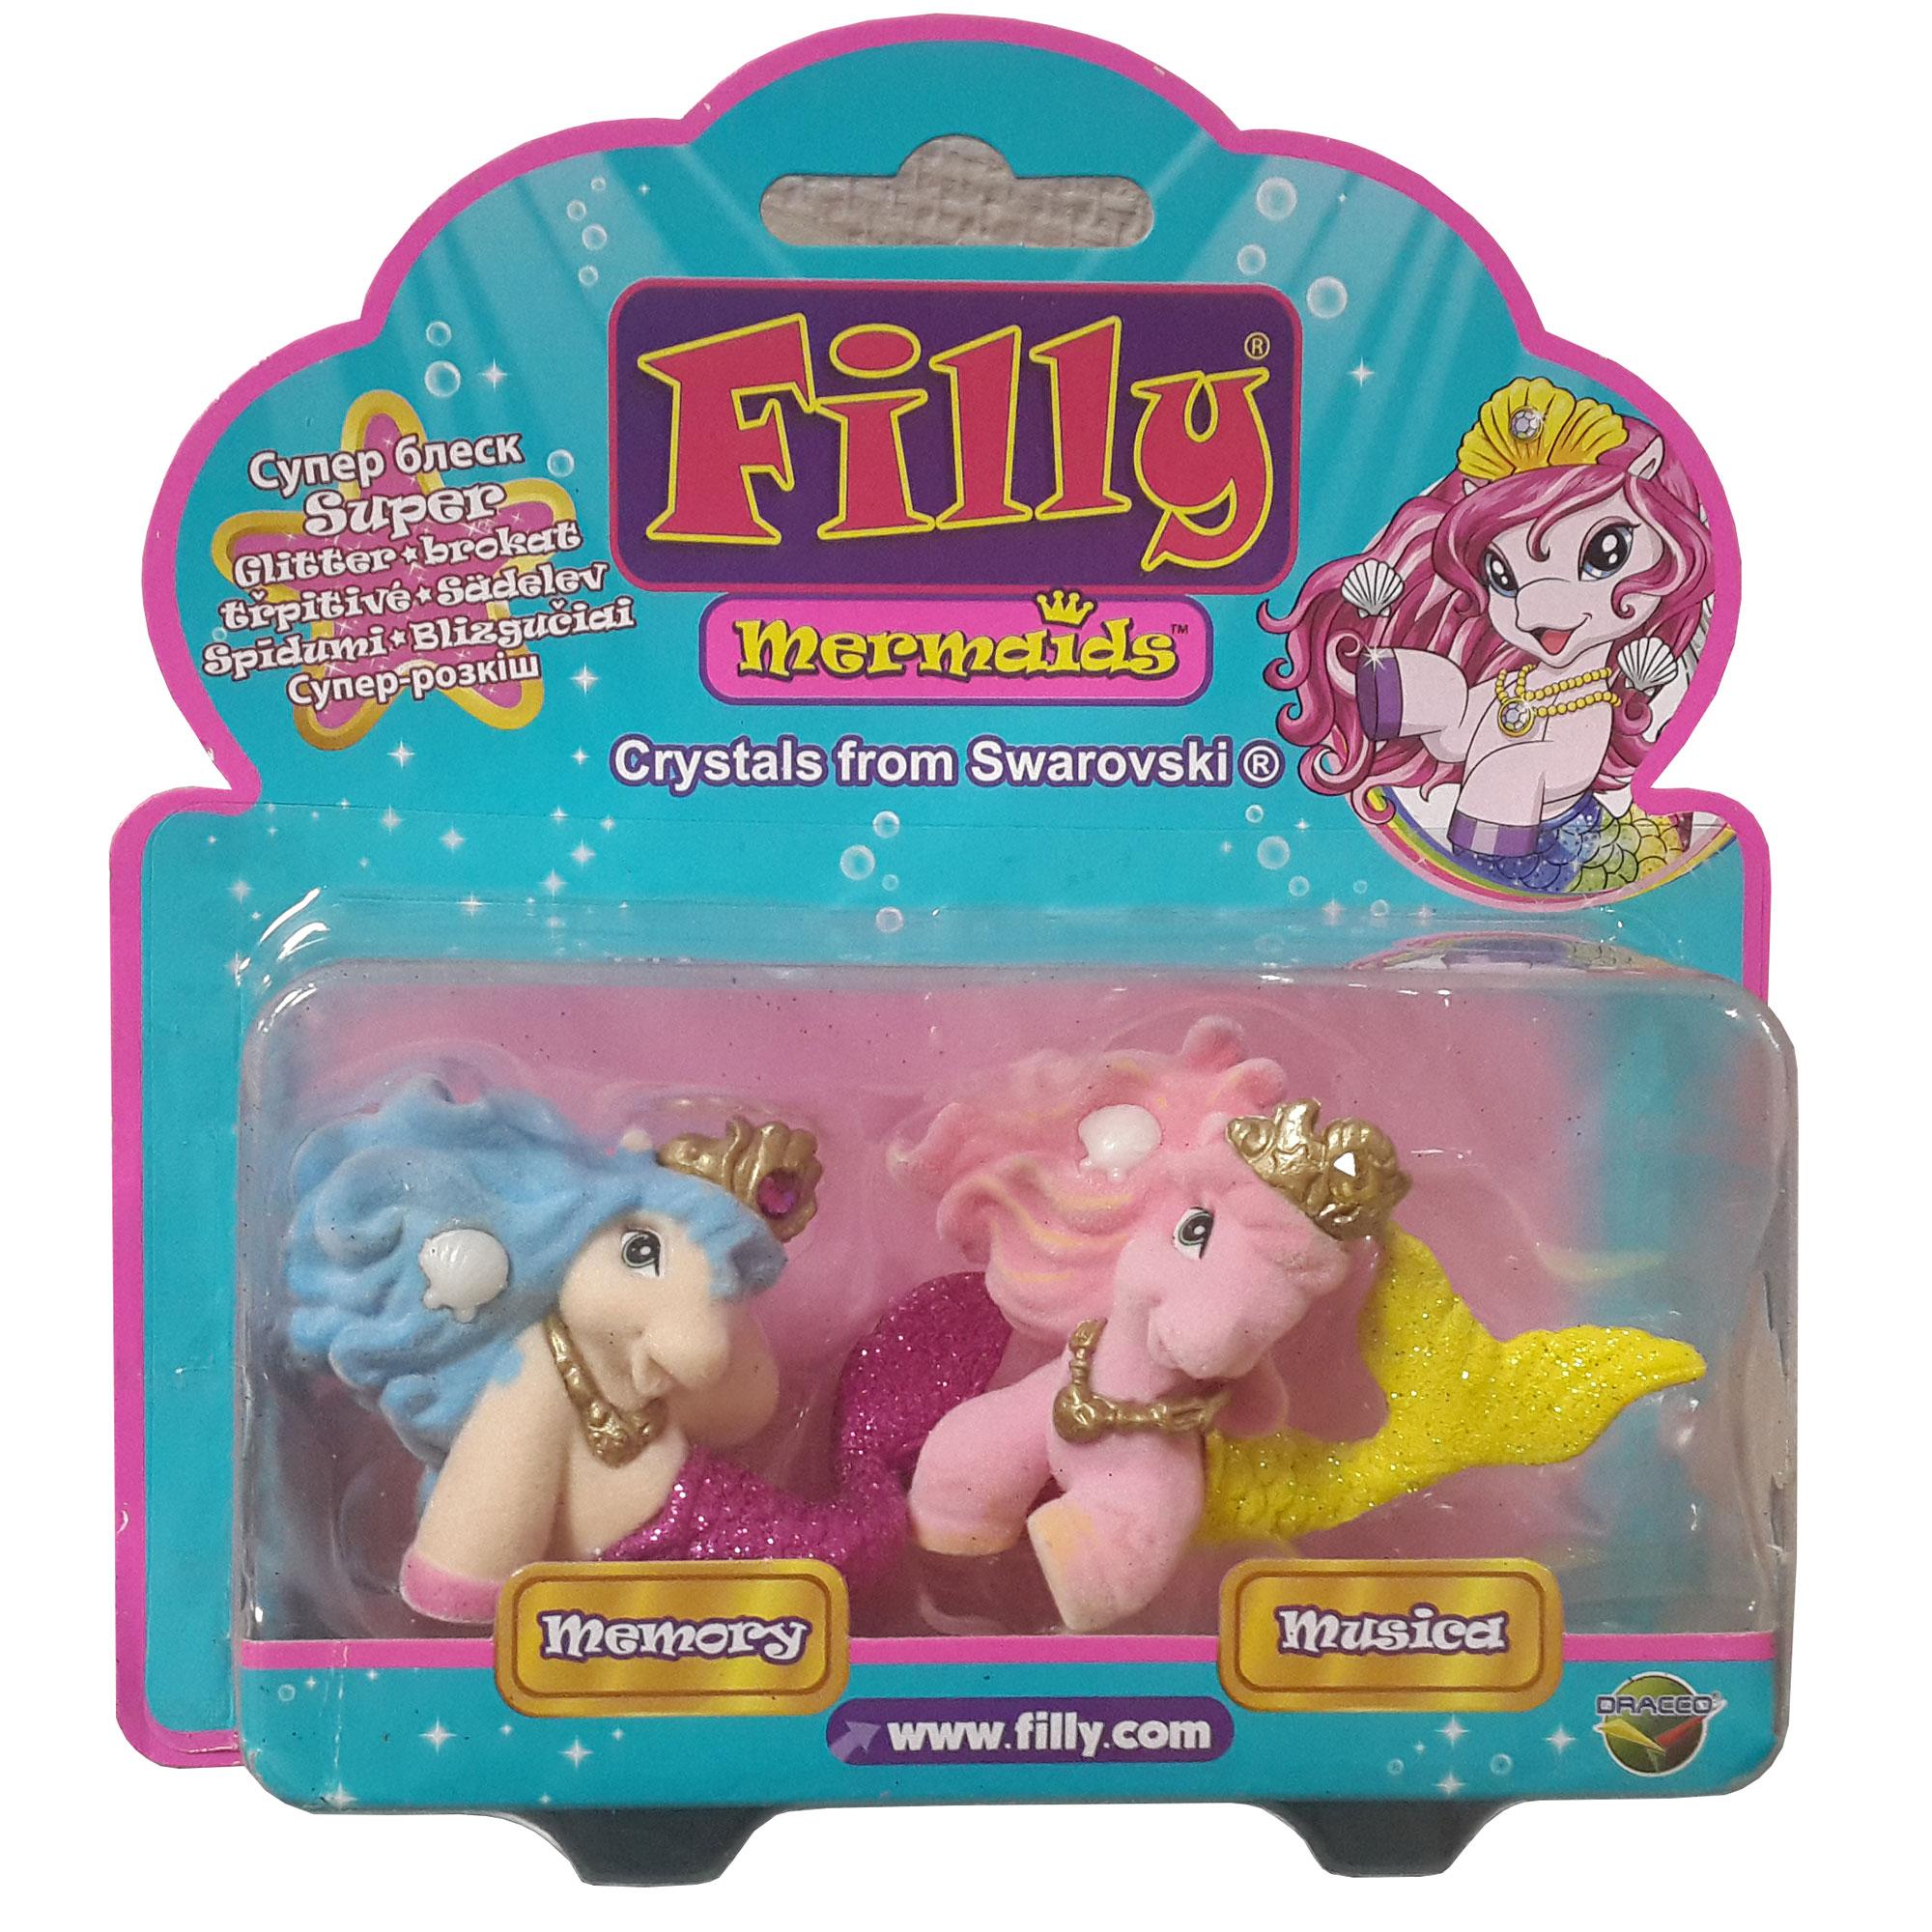 Набор Filly Русалочки  Лучшие друзья - Лошадки Филли Filly Princess, артикул: 142864